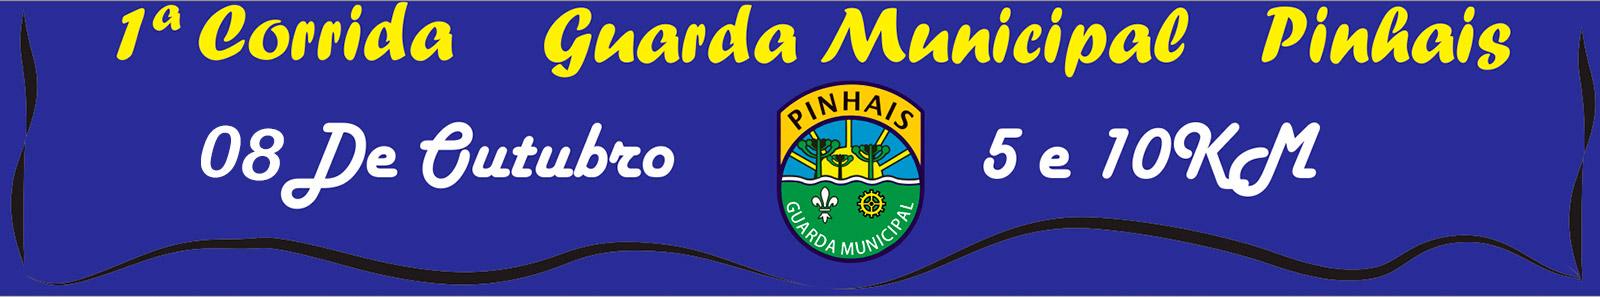 1ª CORRIDA DA GUARDA MUNICIPAL DE PINHAIS - 2017 - Imagem de topo